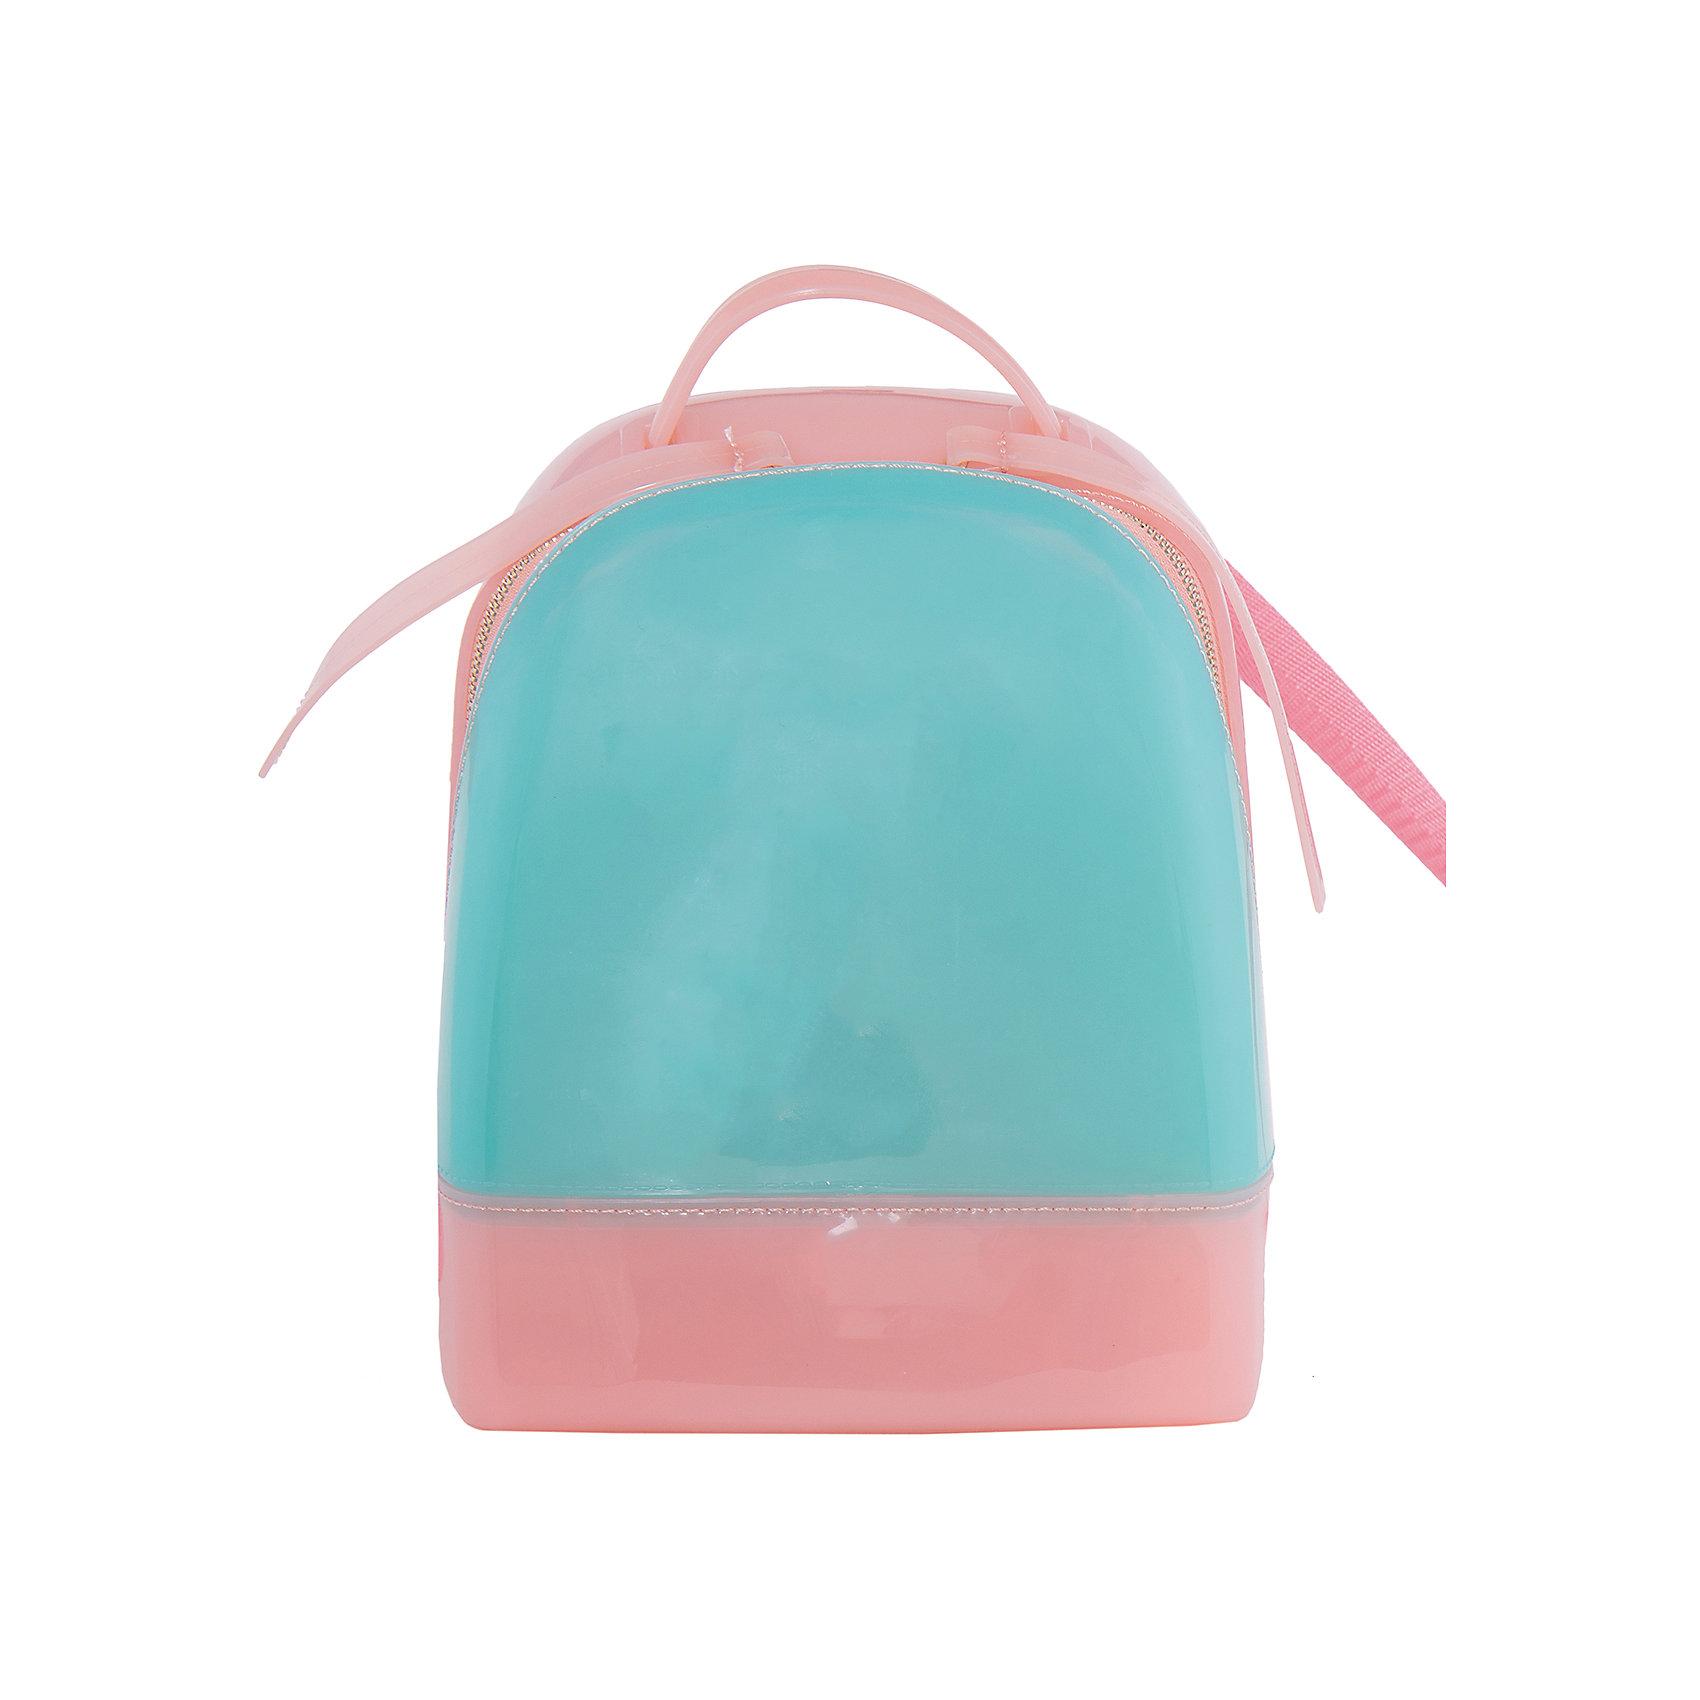 Рюкзак VITACCIАксессуары<br>Характеристики:<br><br>• Тип сумки: рюкзак<br>• Пол: для девочки<br>• Цвет: розовый, мятный<br>• Сезон: круглый год<br>• Тематика рисунка: без рисунка<br>• Тип застежки: молния<br>• Лямки регулируются по длине<br>• Одно отделение с дополнительными кармашками<br>• Предусмотрена ручка-петля<br>• Материал: верх – силикон<br>• Габариты: ширина днища – 18 см, высота – 22,5 см, глубина – 11 см<br>• Вес: 760 г<br>• Особенности ухода: влажная чистка, сухая чистка<br><br>Рюкзак VITACCI от лидера российско-итальянского предприятия, которое специализируется на выпуске высококачественной обуви и аксессуаров как для взрослых, так и для детей. Детские сумки этого торгового бренда изготавливаются с учетом анатомических особенностей детей и имеют эргономичную форму. Форма и дизайн сумок разрабатывается итальянскими ведущими дизайнерами и отражает новейшие тенденции в мире моды. Особенность этого торгового бренда заключается в эксклюзивном сочетании материалов разных фактур и декорирование изделий стильными аксессуарами. <br><br>Рюкзак VITACCI изготовлен из экологически безопасной искусственной кожи с силиконовым покрытием. Имеет одно просторное отделение с маленькими кармашками: один с замочком на молнии, второй – для сотового телефона или смартфона. Лямки регулируются по длине. Рюкзак выполнен из элементов нежных цветов – мятного и розового, декорирован фурнитурой золотистого цвета и декоративными двойными строчками.<br>Рюкзак VITACCI – это стильный аксессуар, который создаст неповторимый образ вашей девочки! <br><br>Рюкзак VITACCI можно купить в нашем интернет-магазине.<br><br>Ширина мм: 170<br>Глубина мм: 157<br>Высота мм: 67<br>Вес г: 117<br>Цвет: зеленый<br>Возраст от месяцев: 36<br>Возраст до месяцев: 144<br>Пол: Женский<br>Возраст: Детский<br>Размер: one size<br>SKU: 5347503